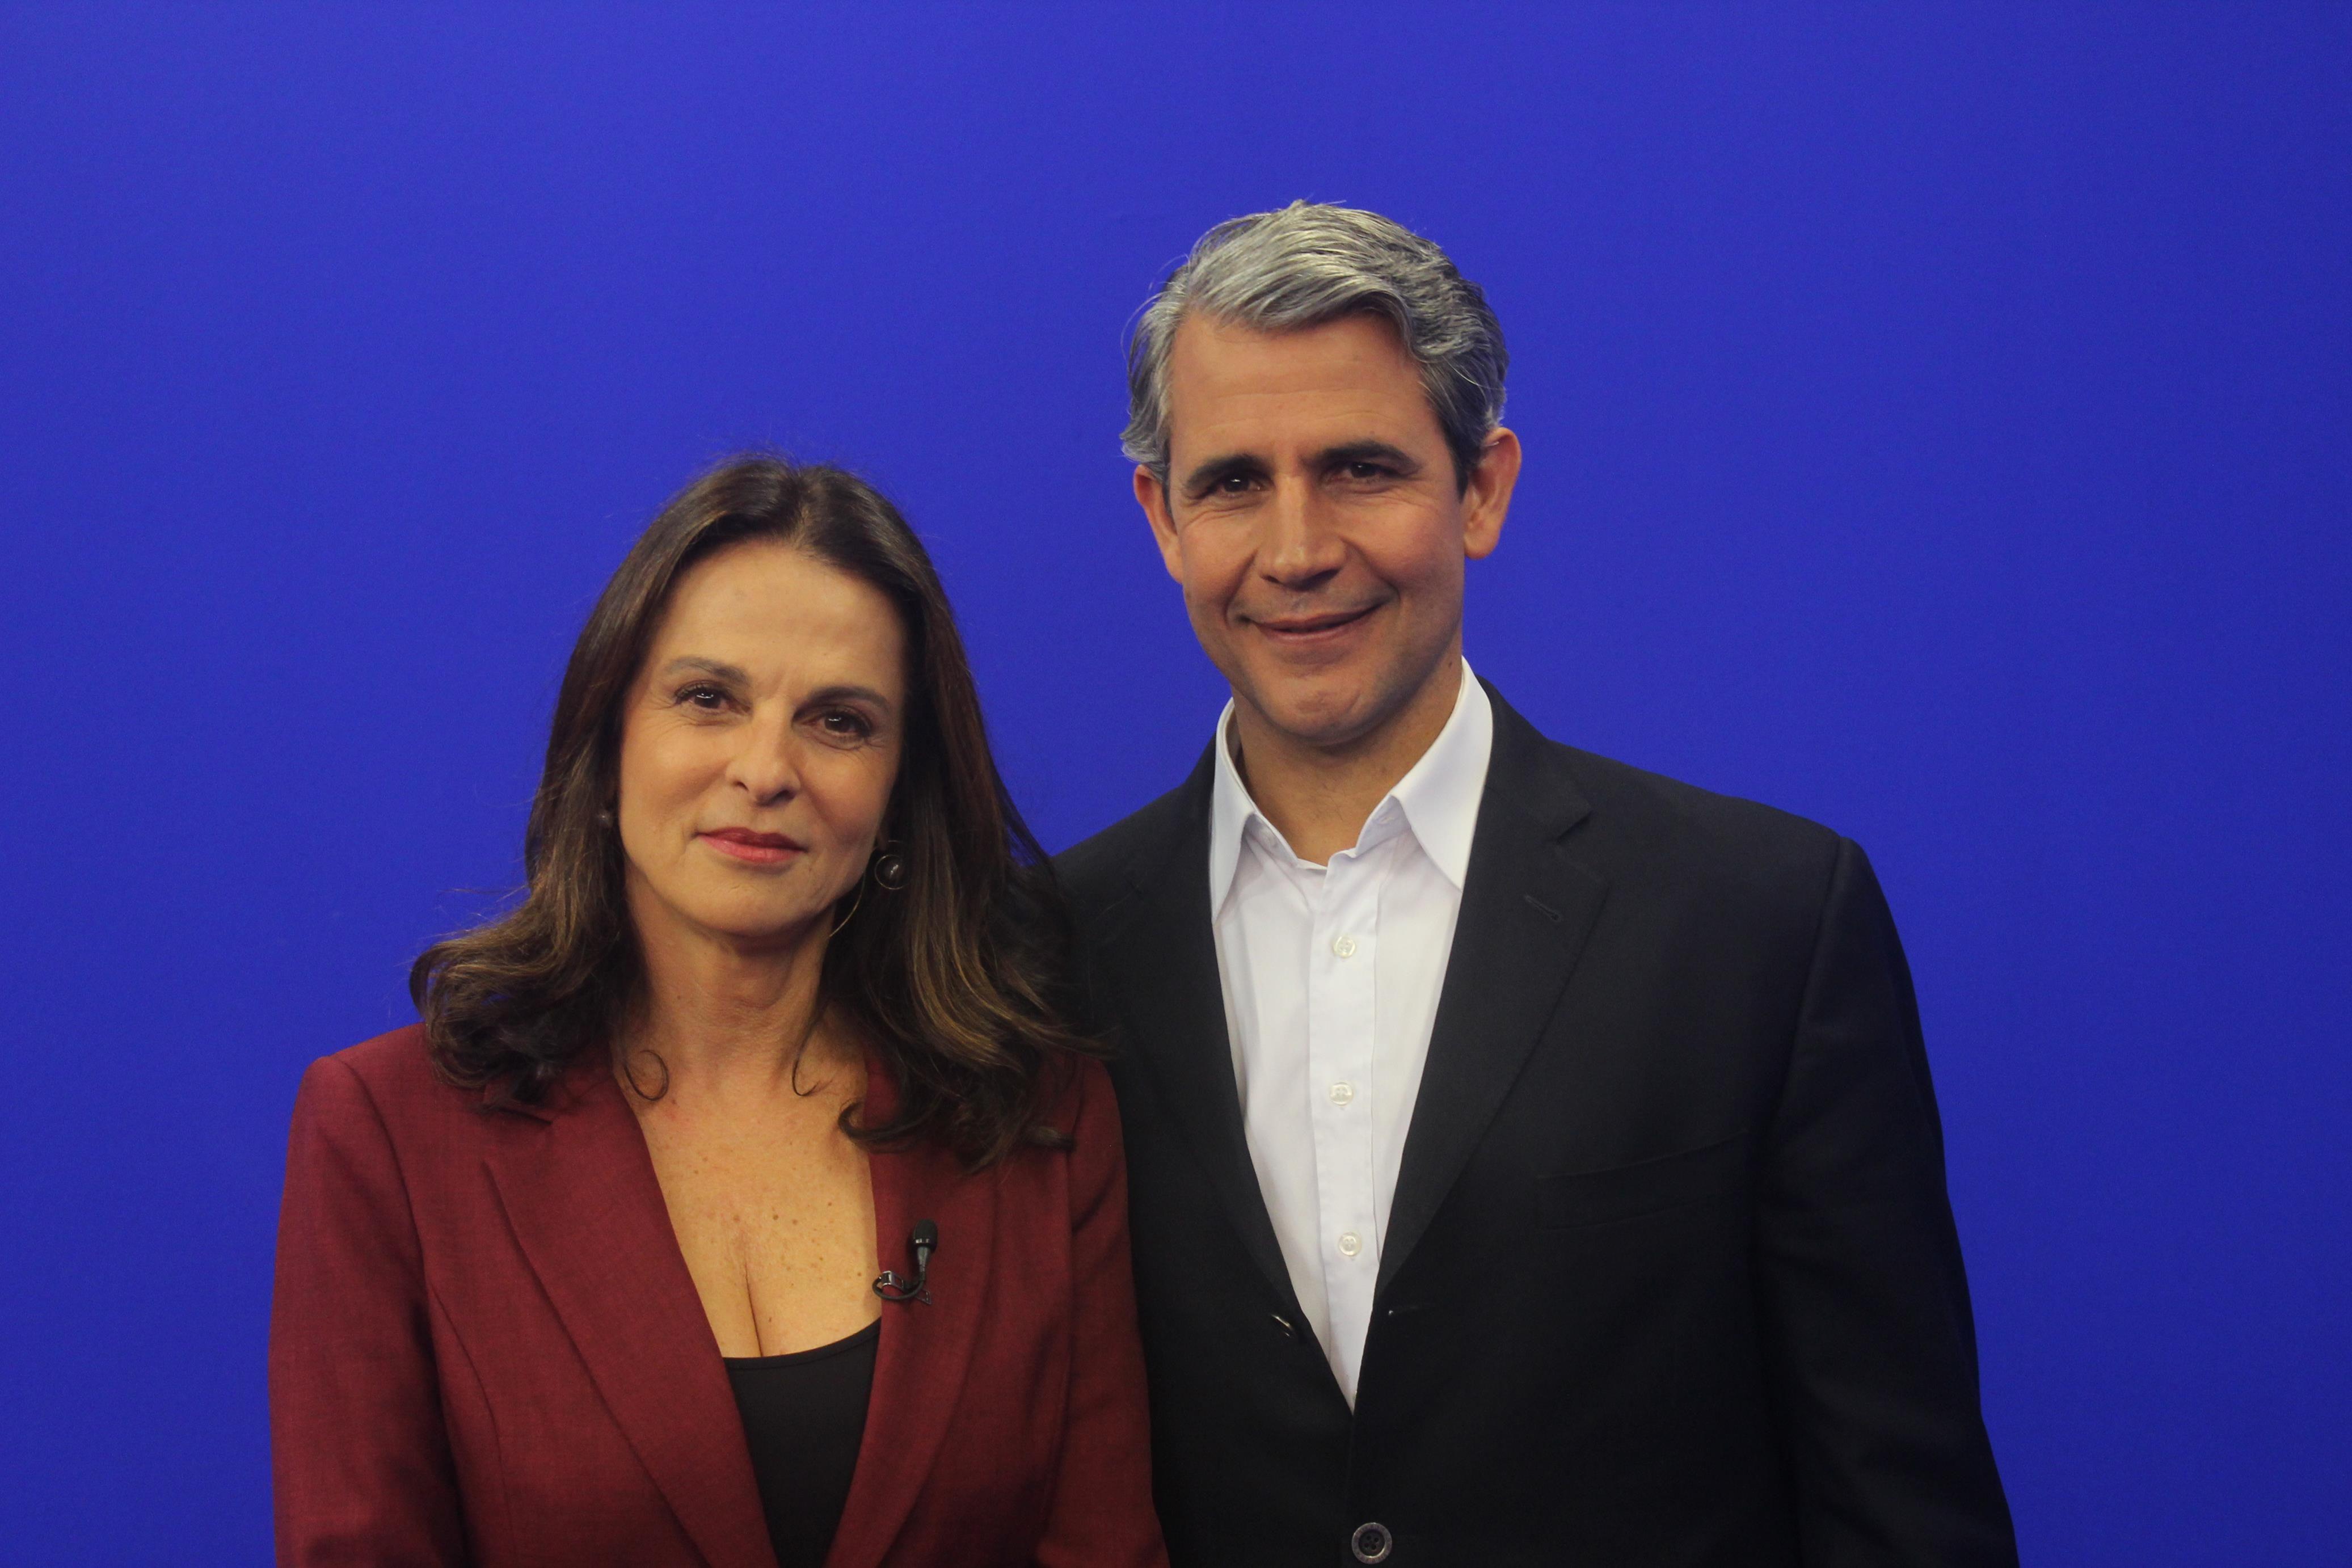 Luiz Felipe Davila e Sonia Racy / Divulgação